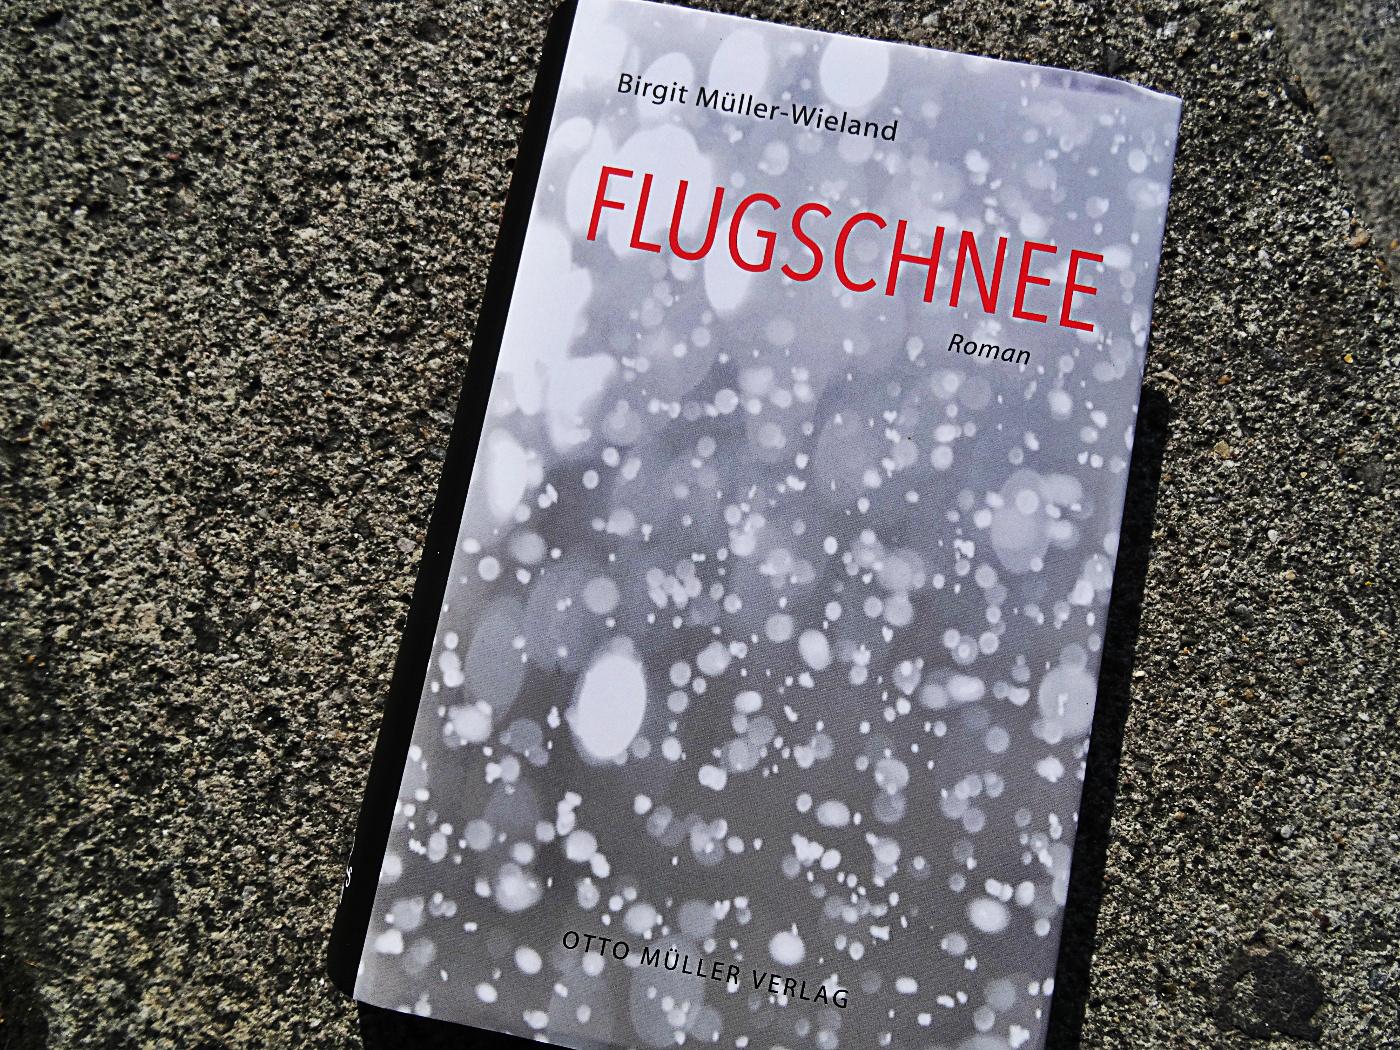 Birgit Müller-Wieland – Flugschnee